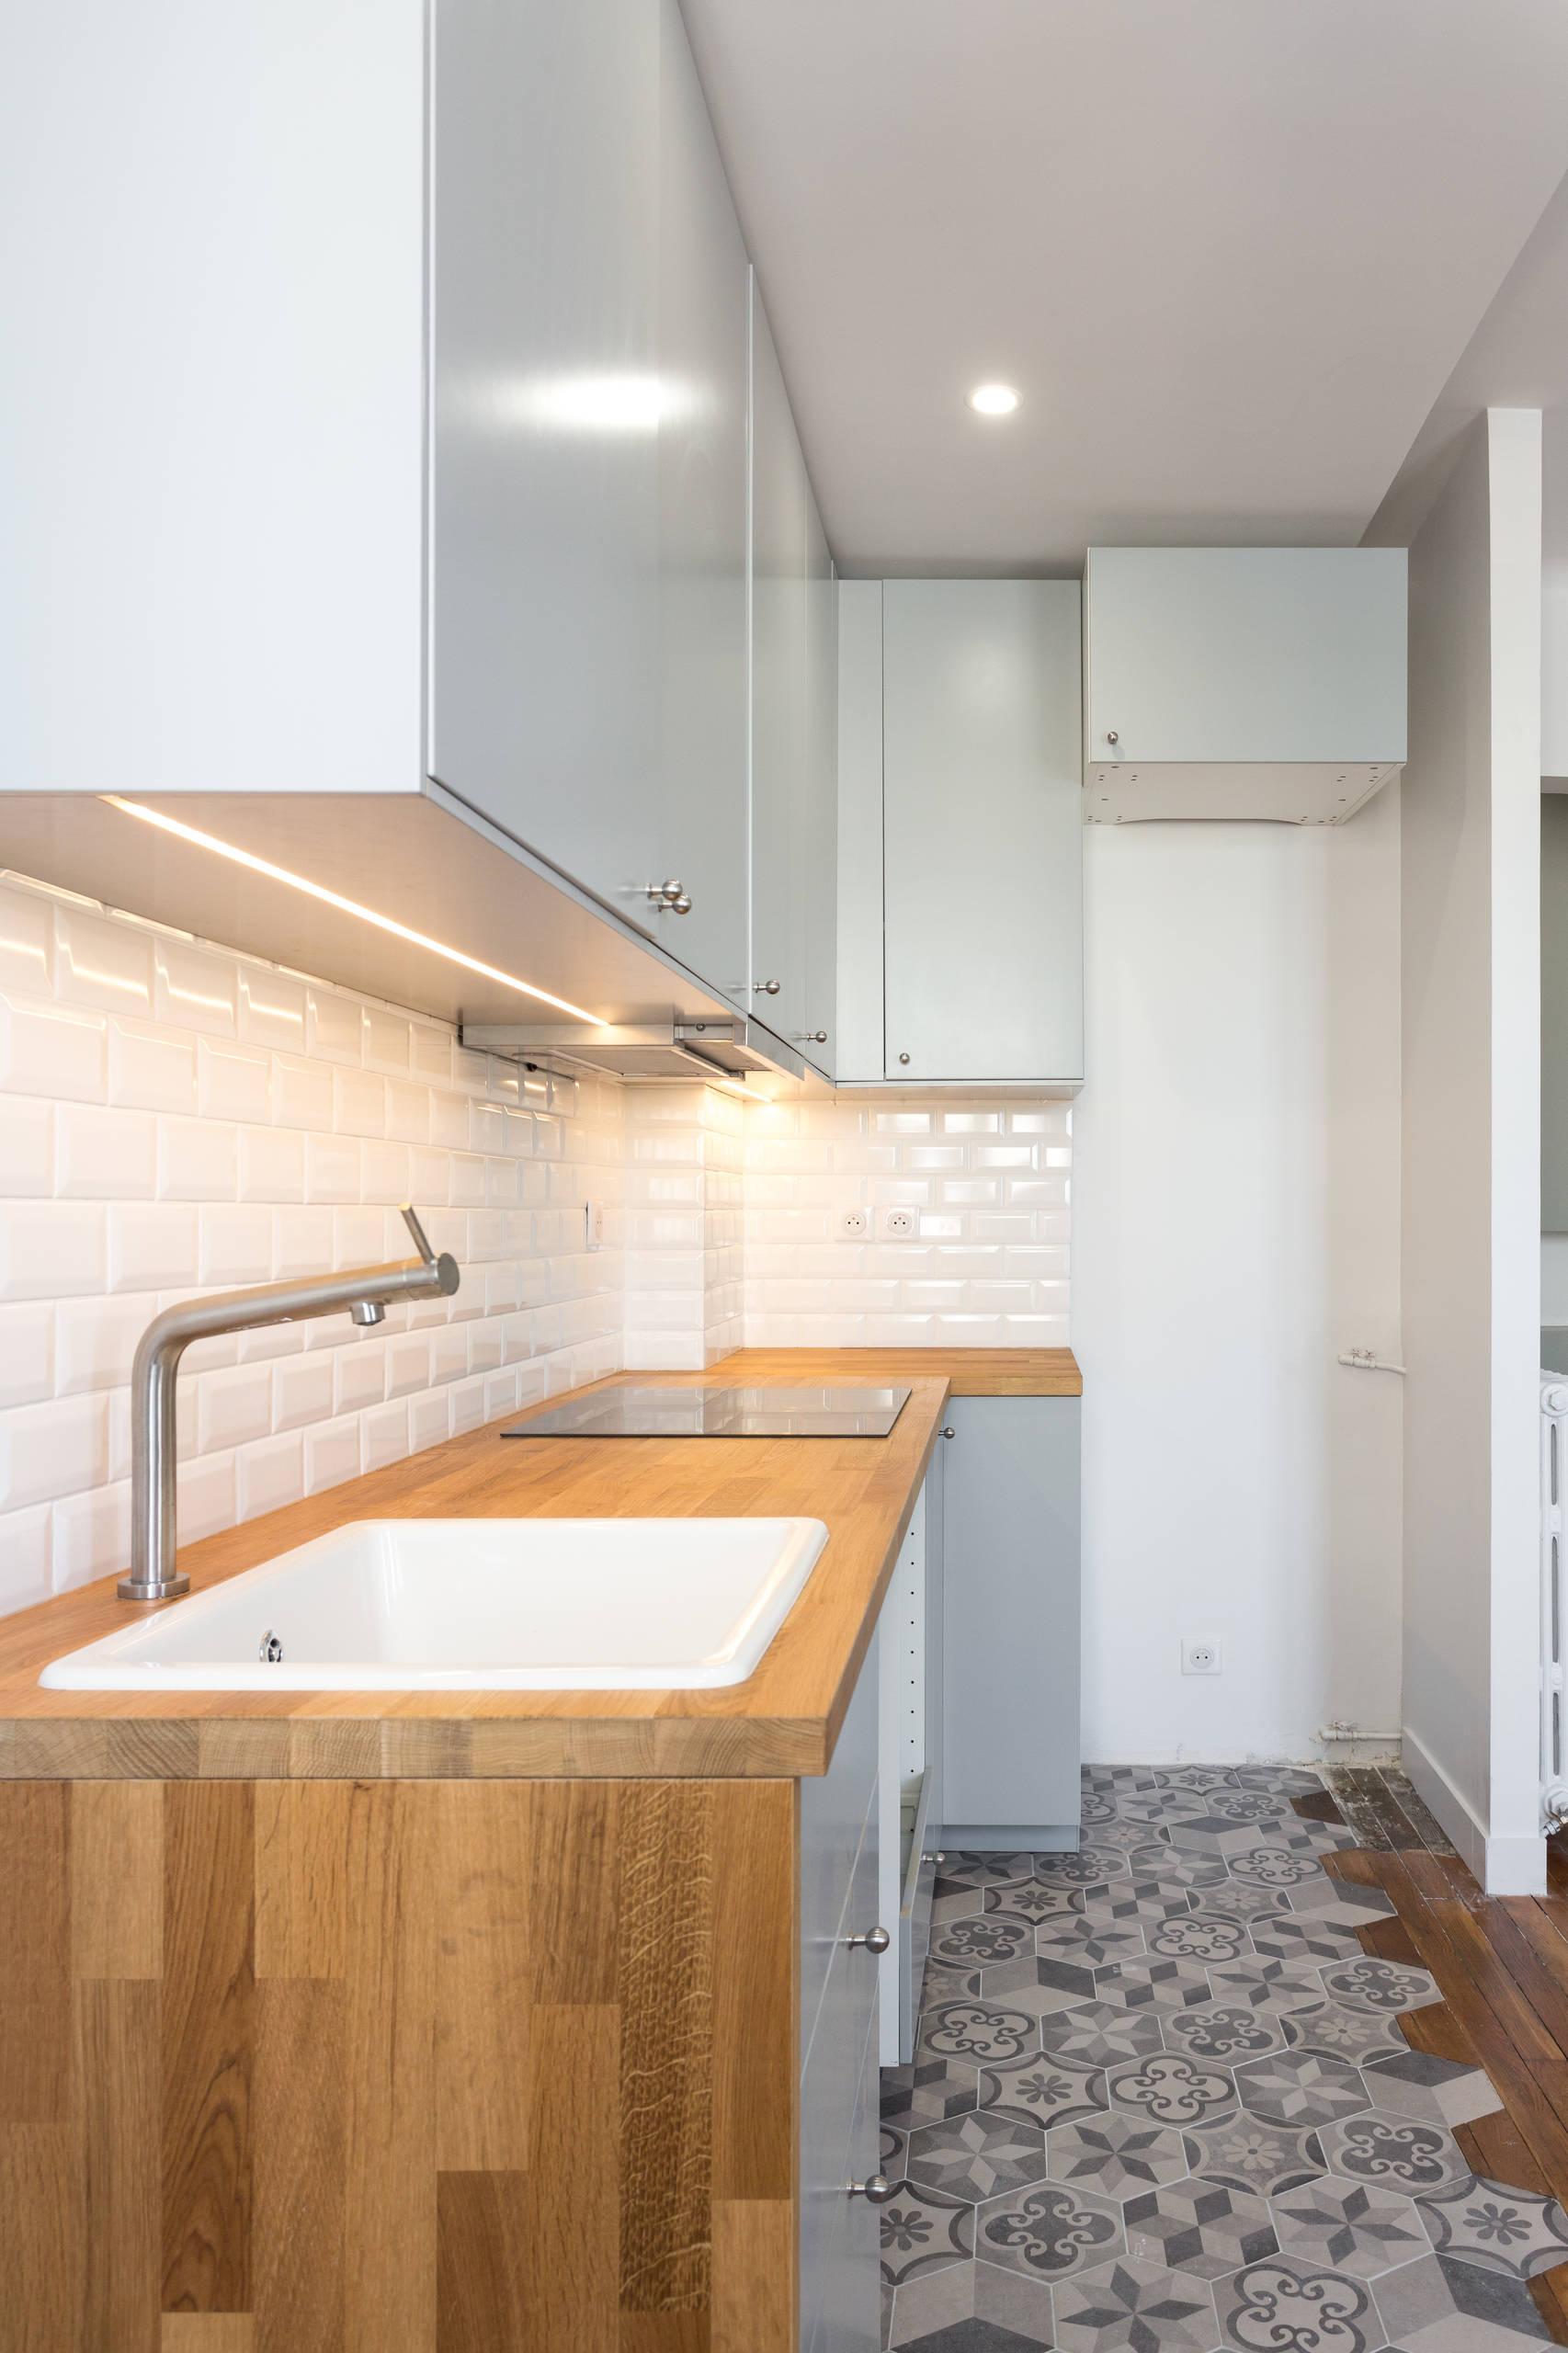 transformation d'une 23 m² a louer a courbevoie